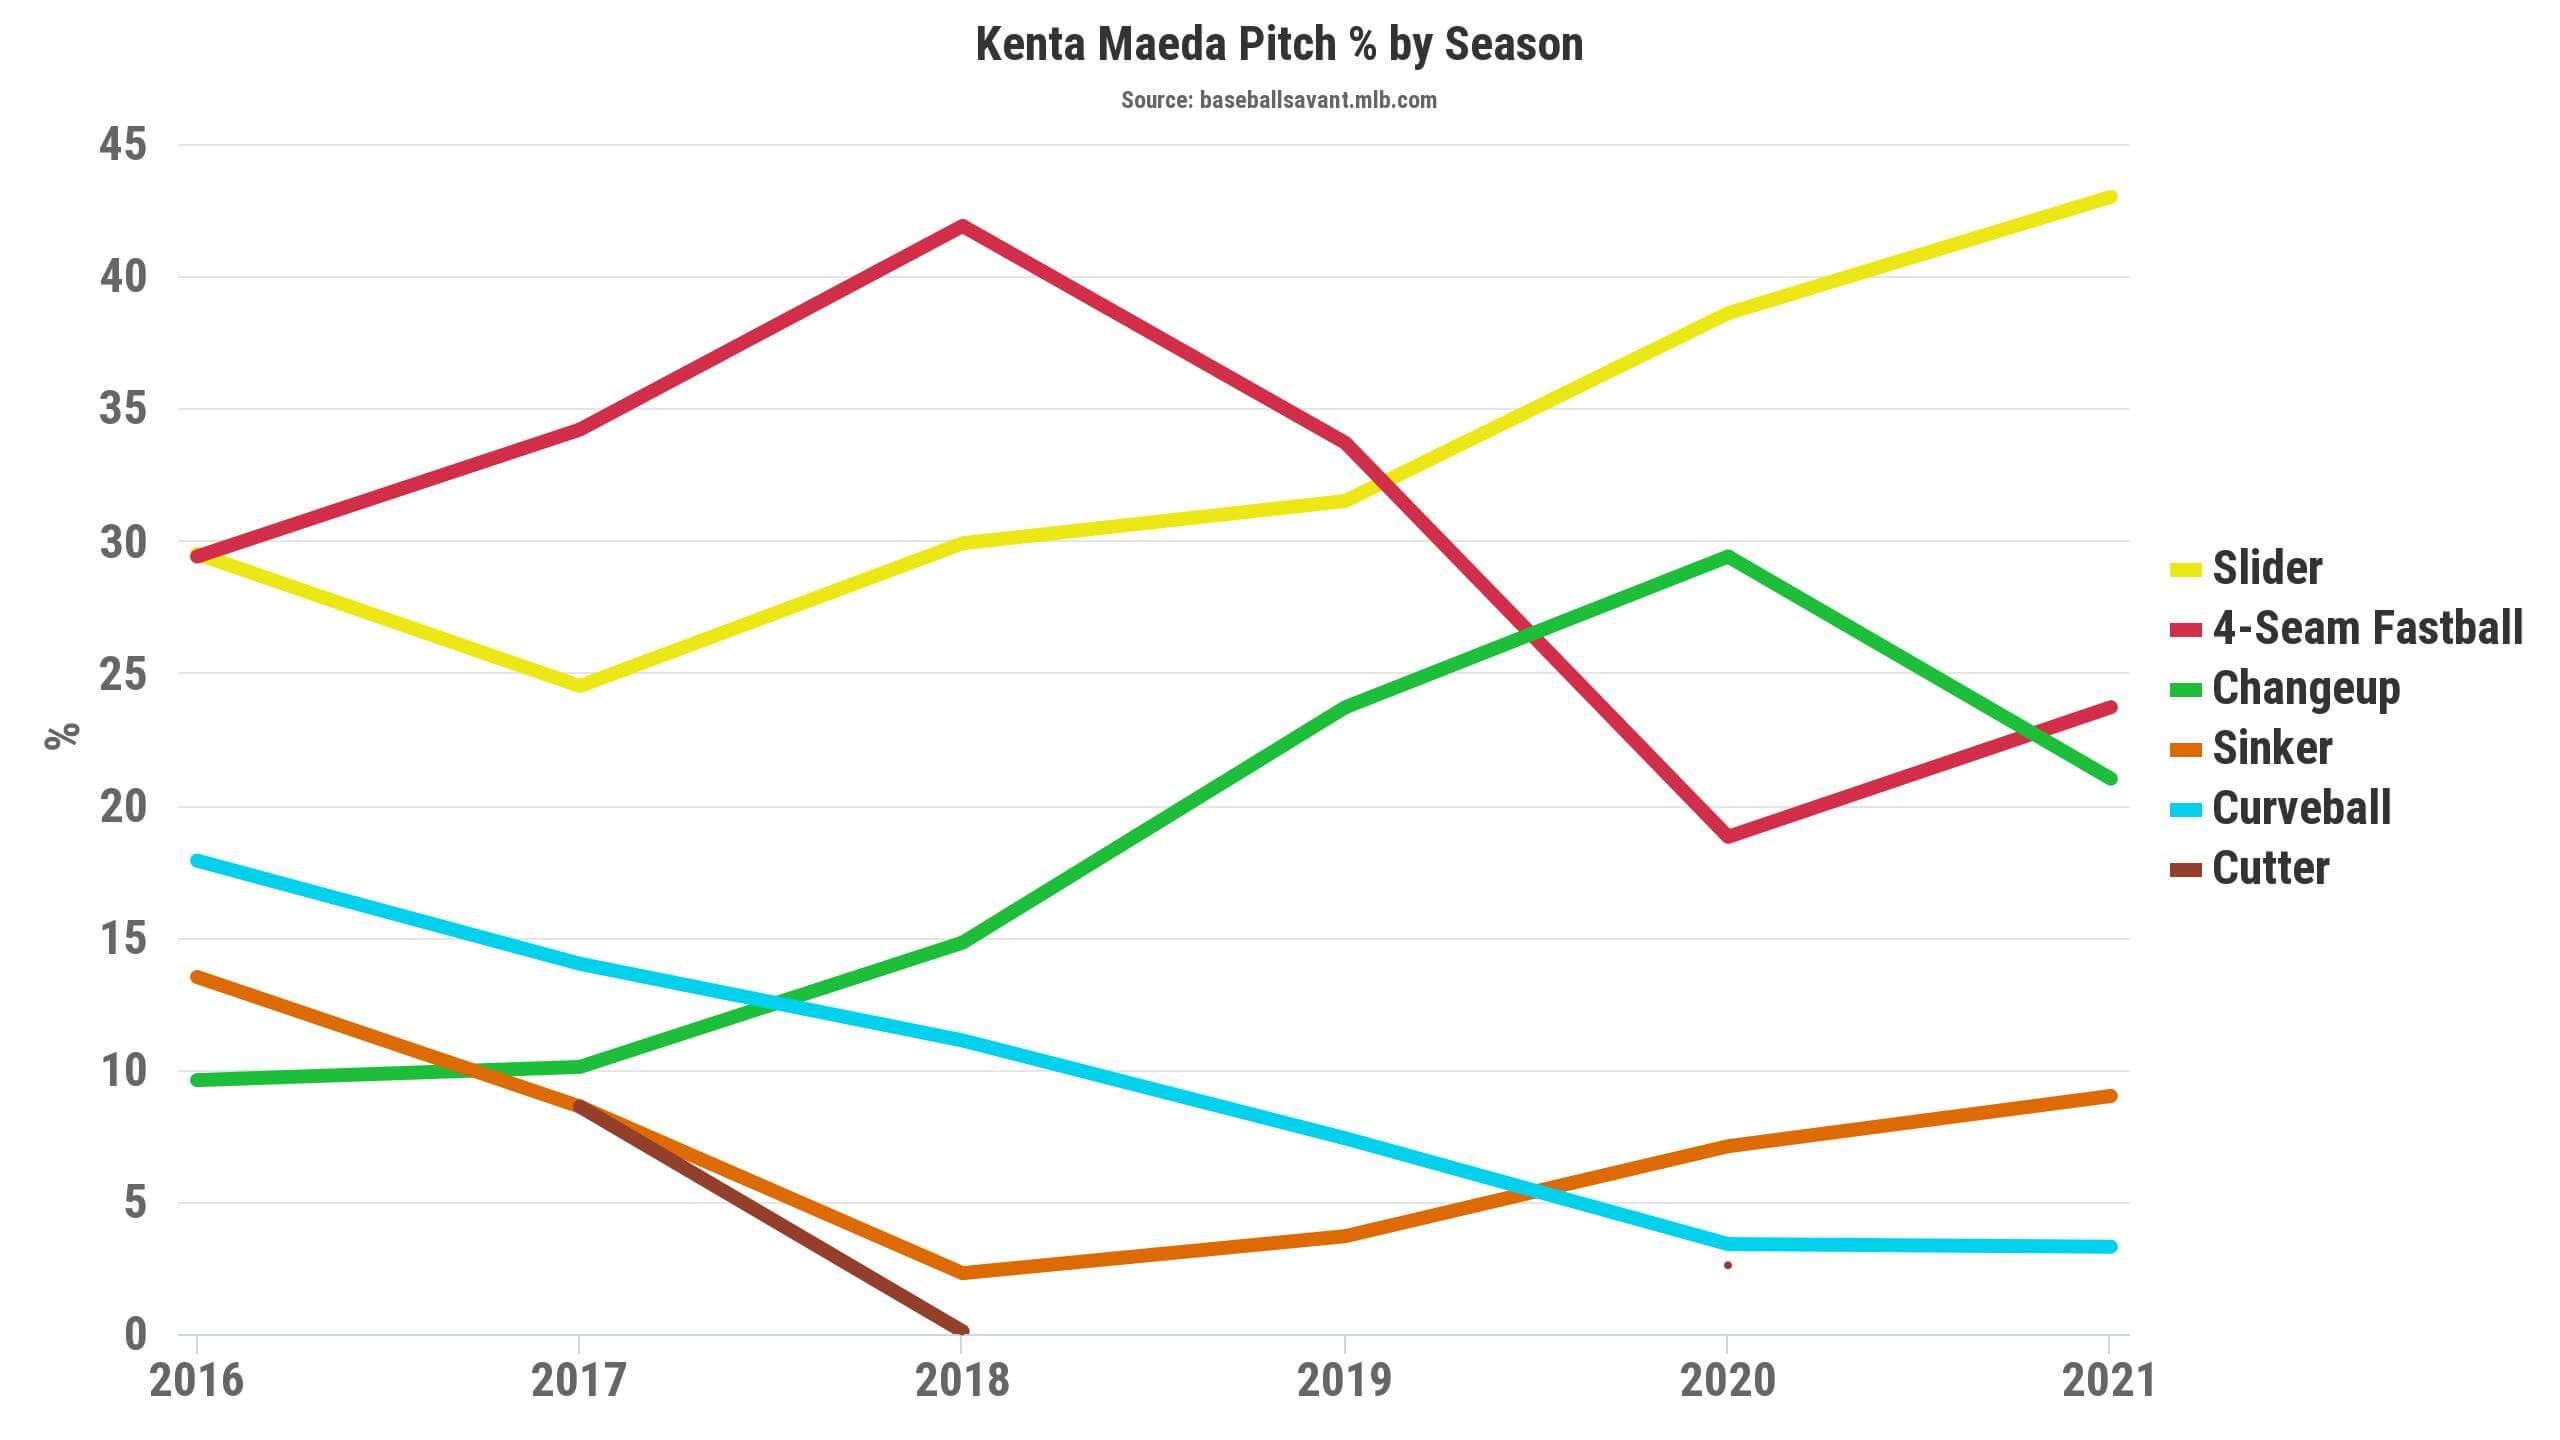 Maeda Pitch Percentage